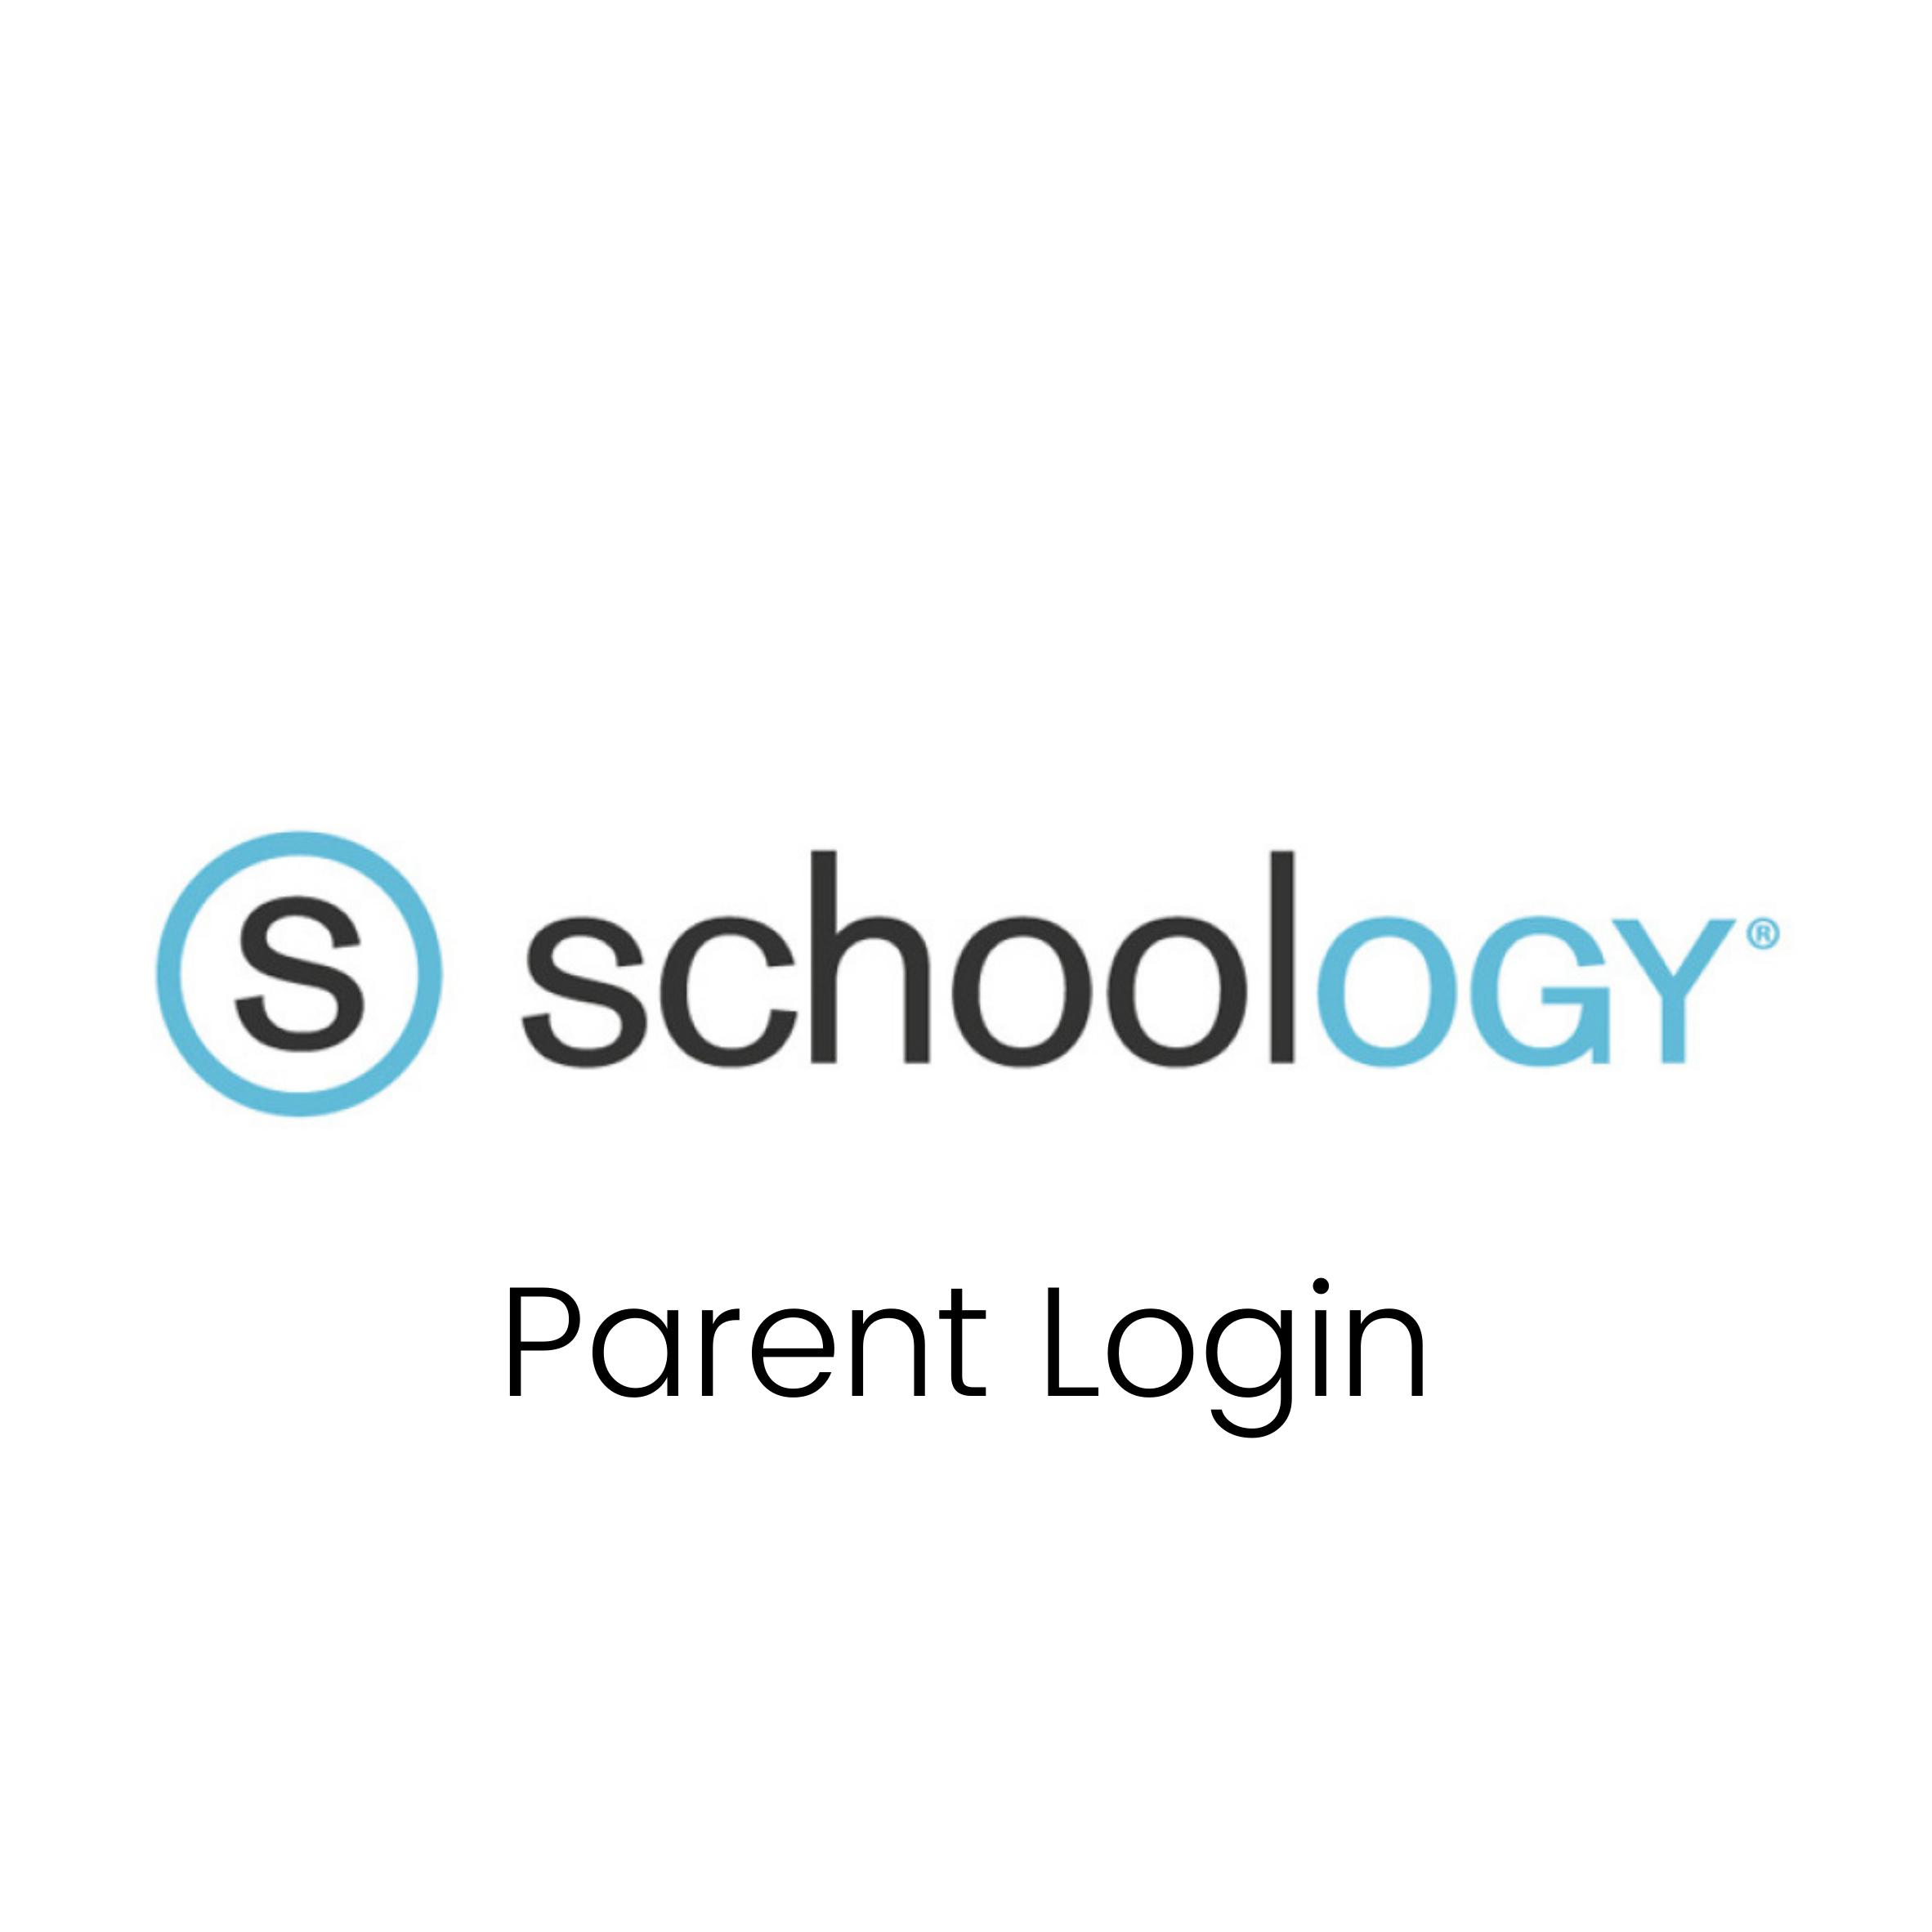 Schoology Login